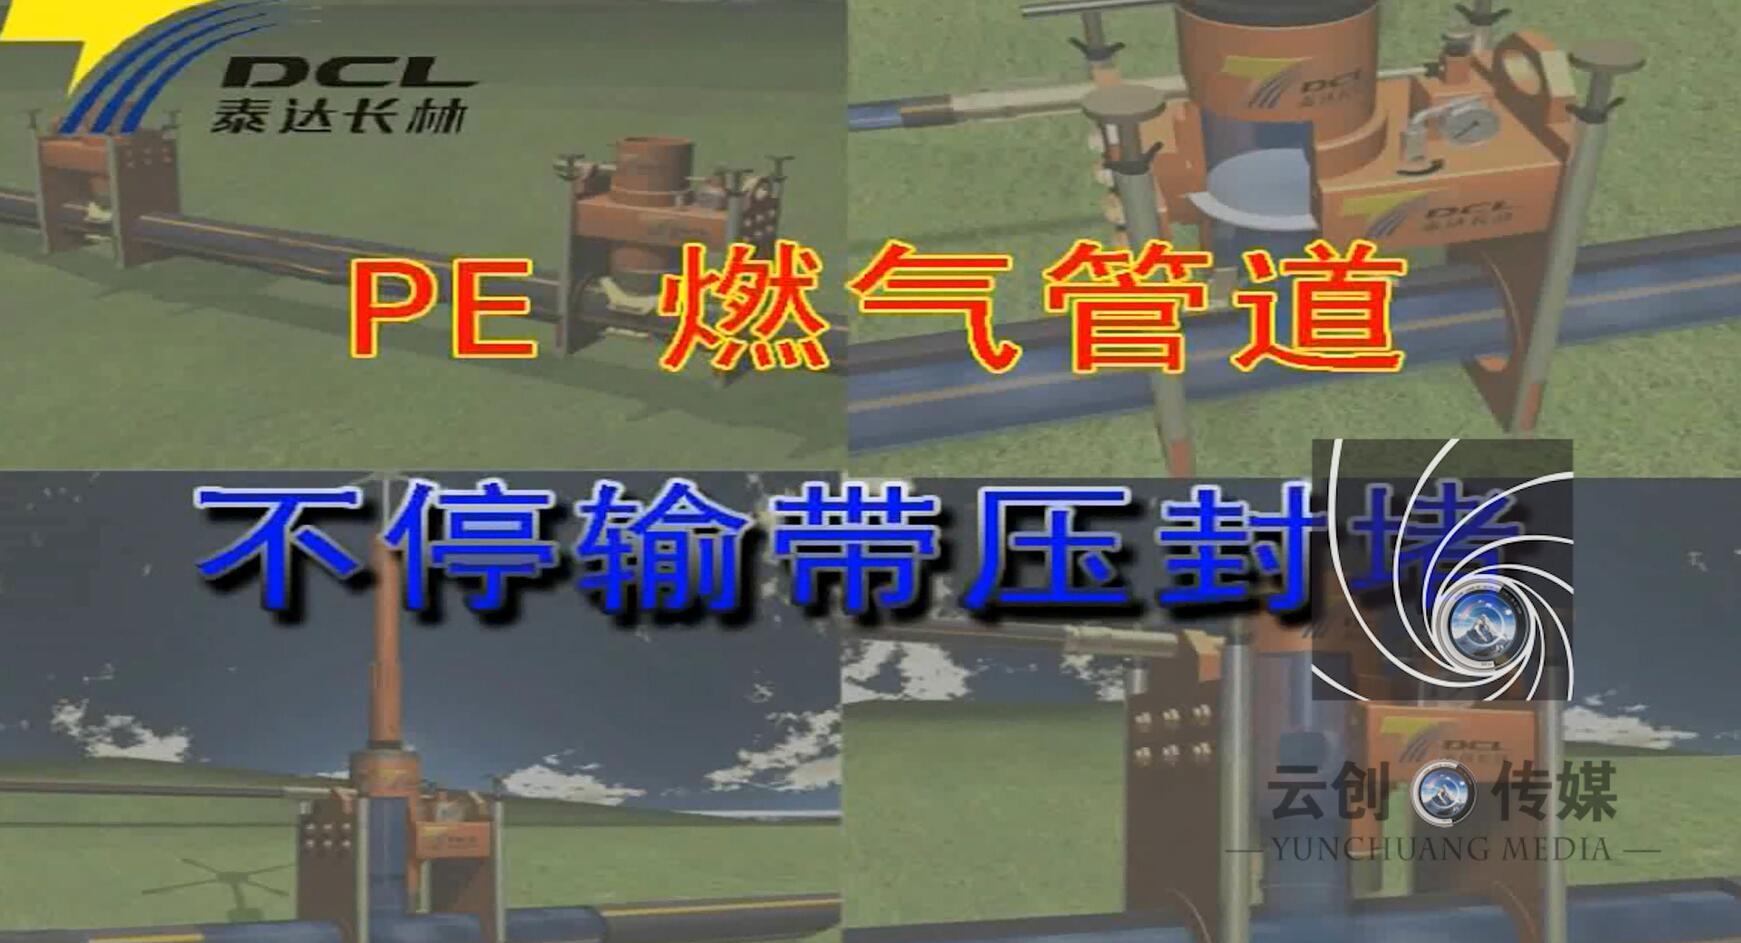 燃气管道_工程动画制作_机械动画